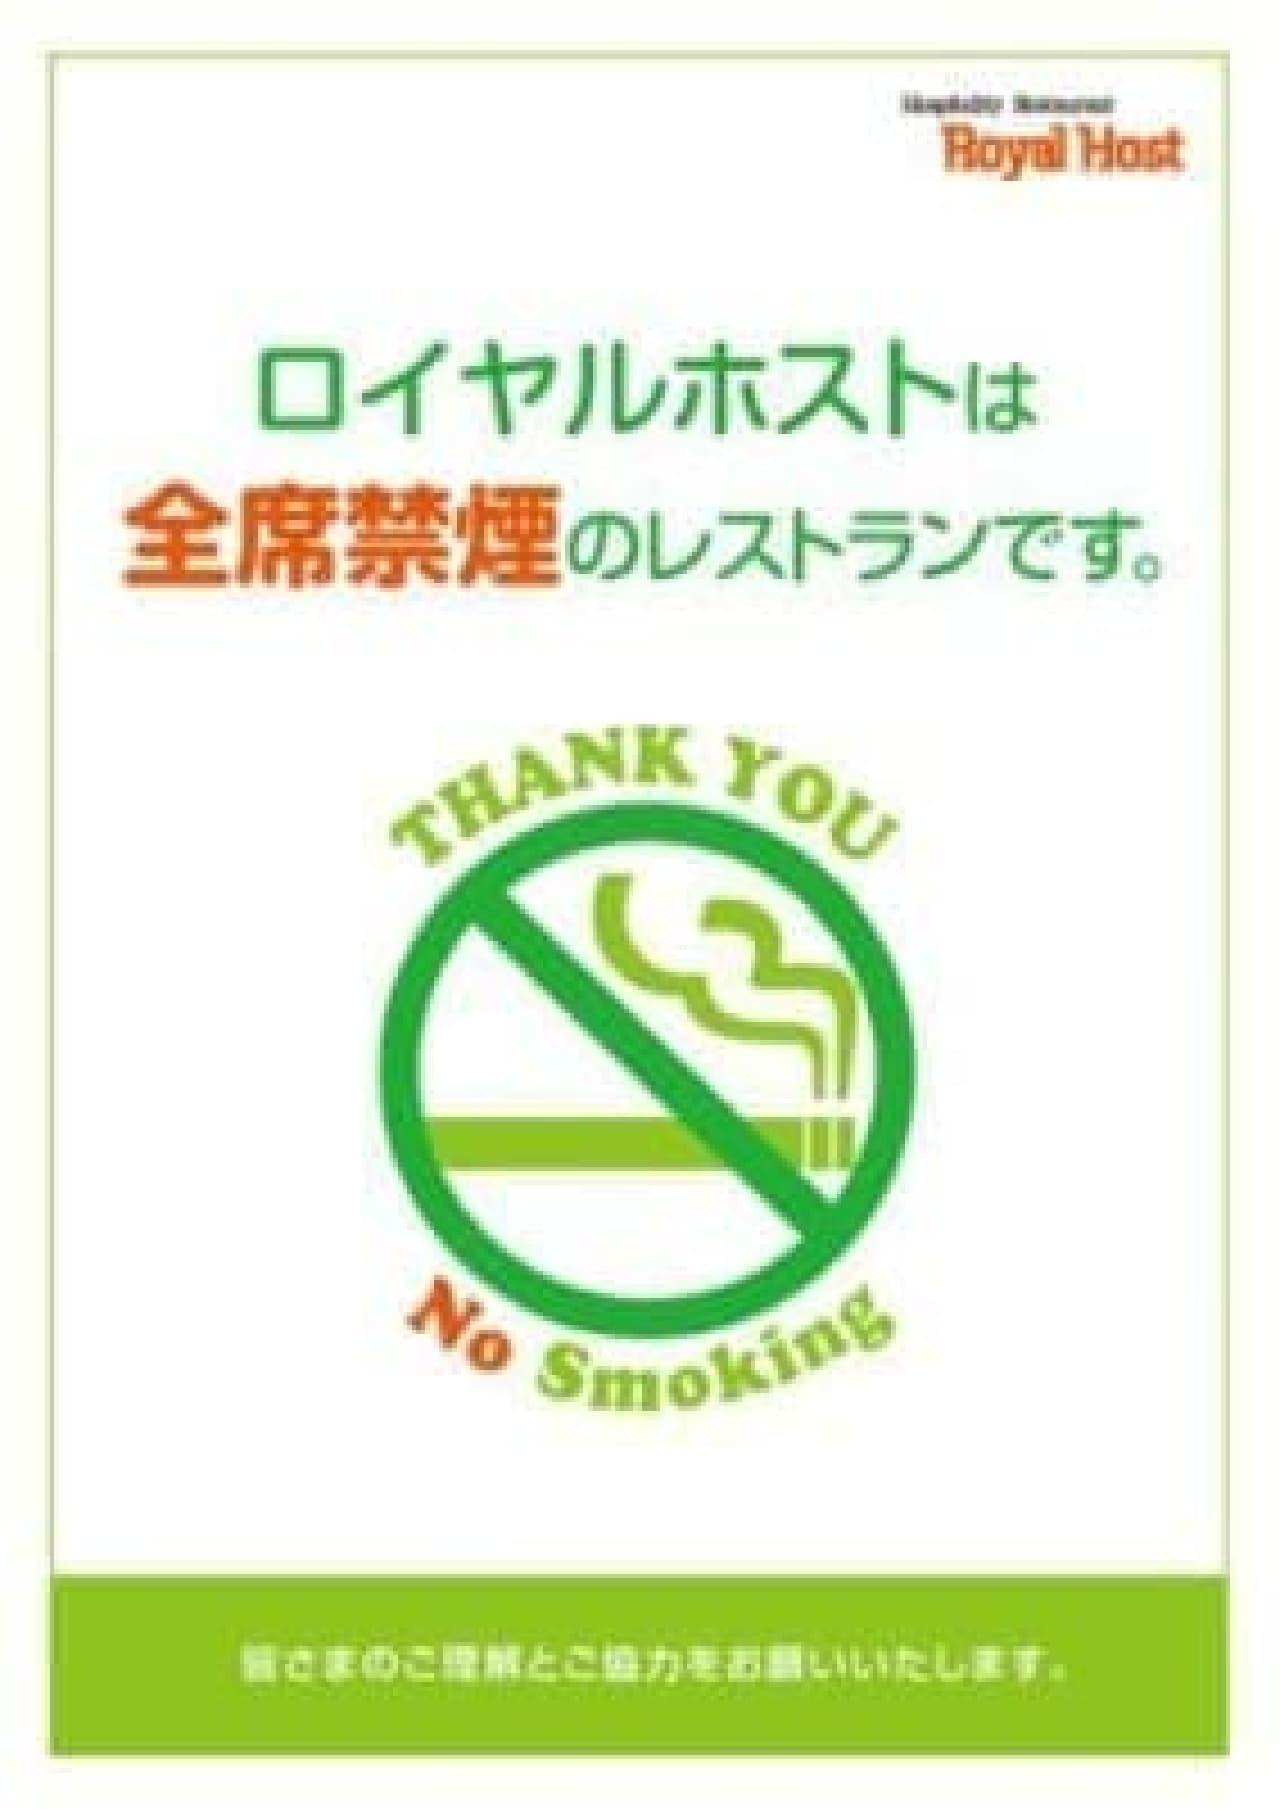 ロイホが「全席禁煙」に